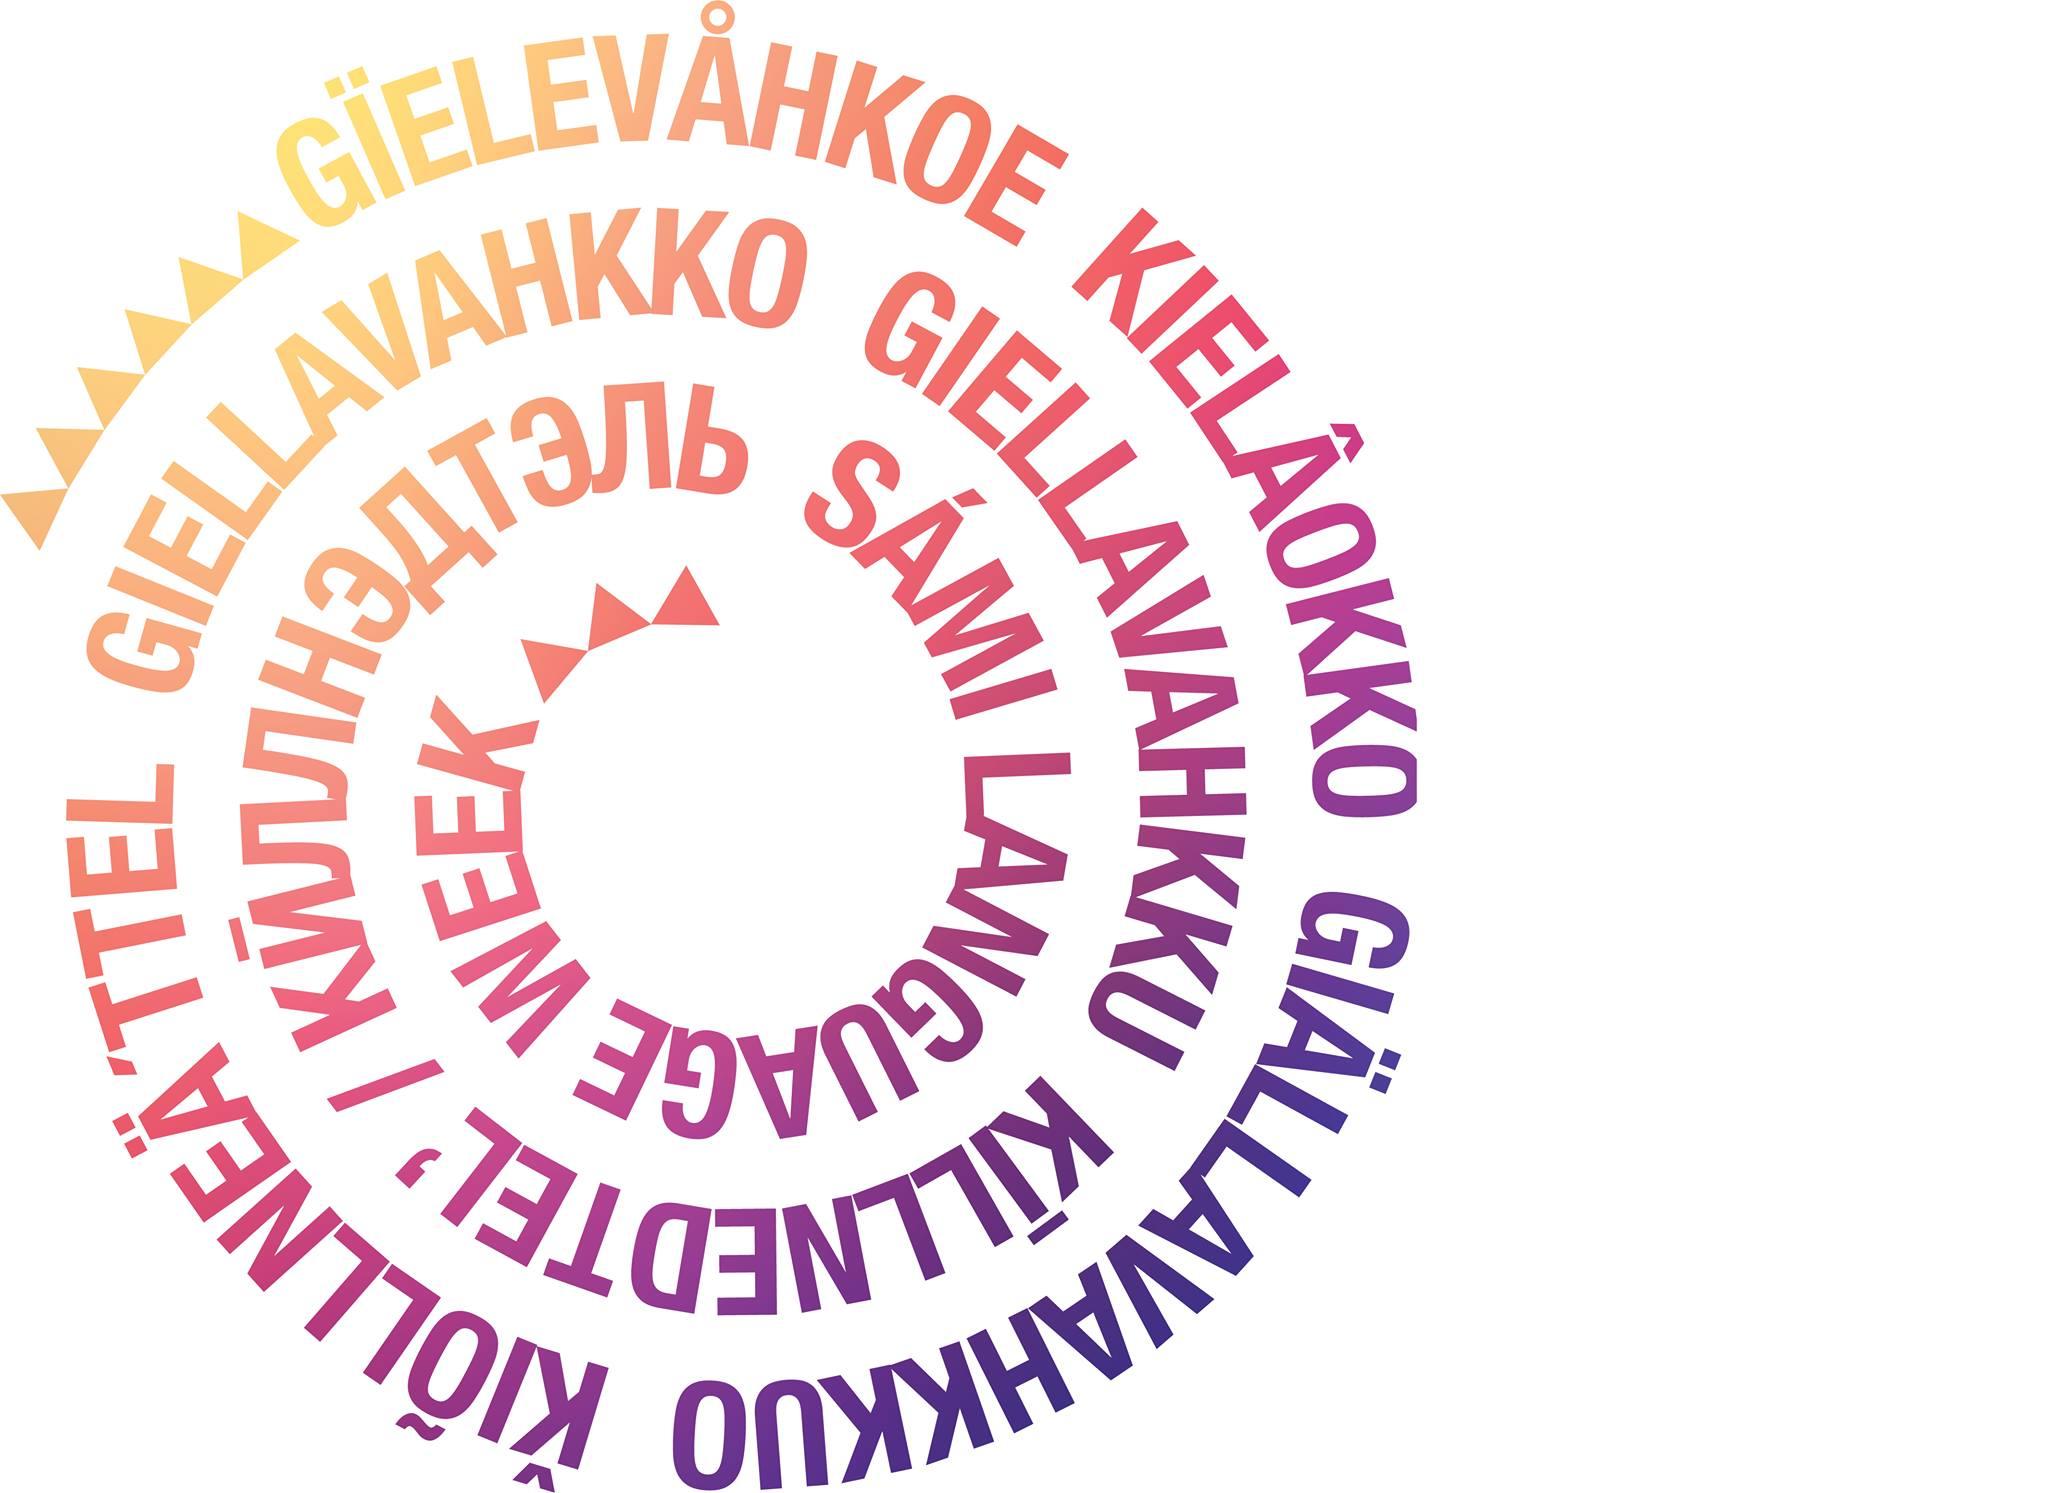 Språkvecka 19 – 25 oktober